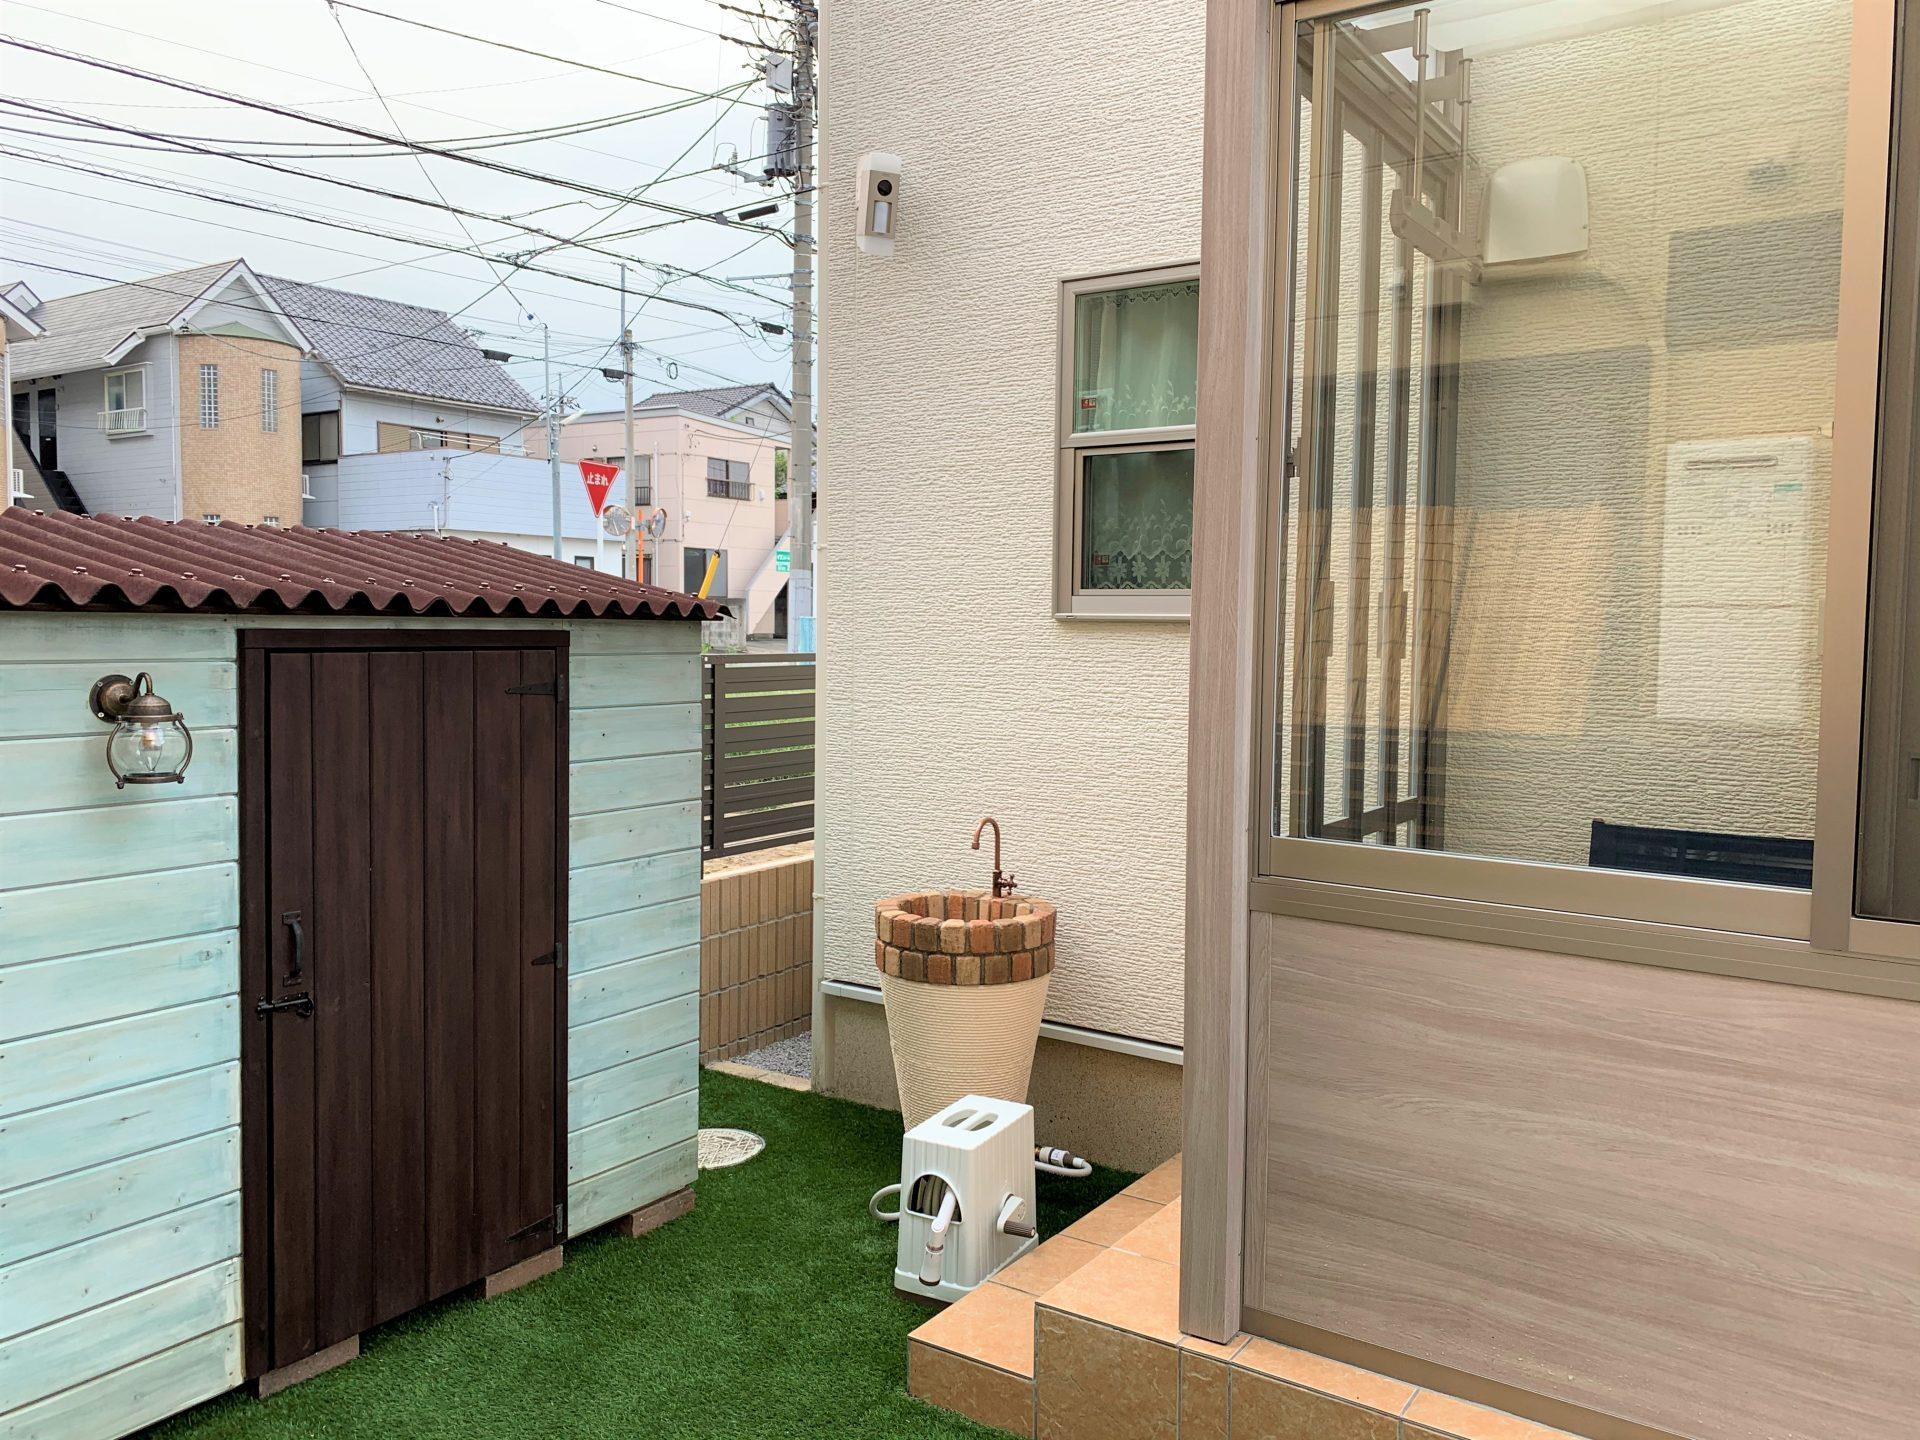 ガーデンルームと水栓と物置